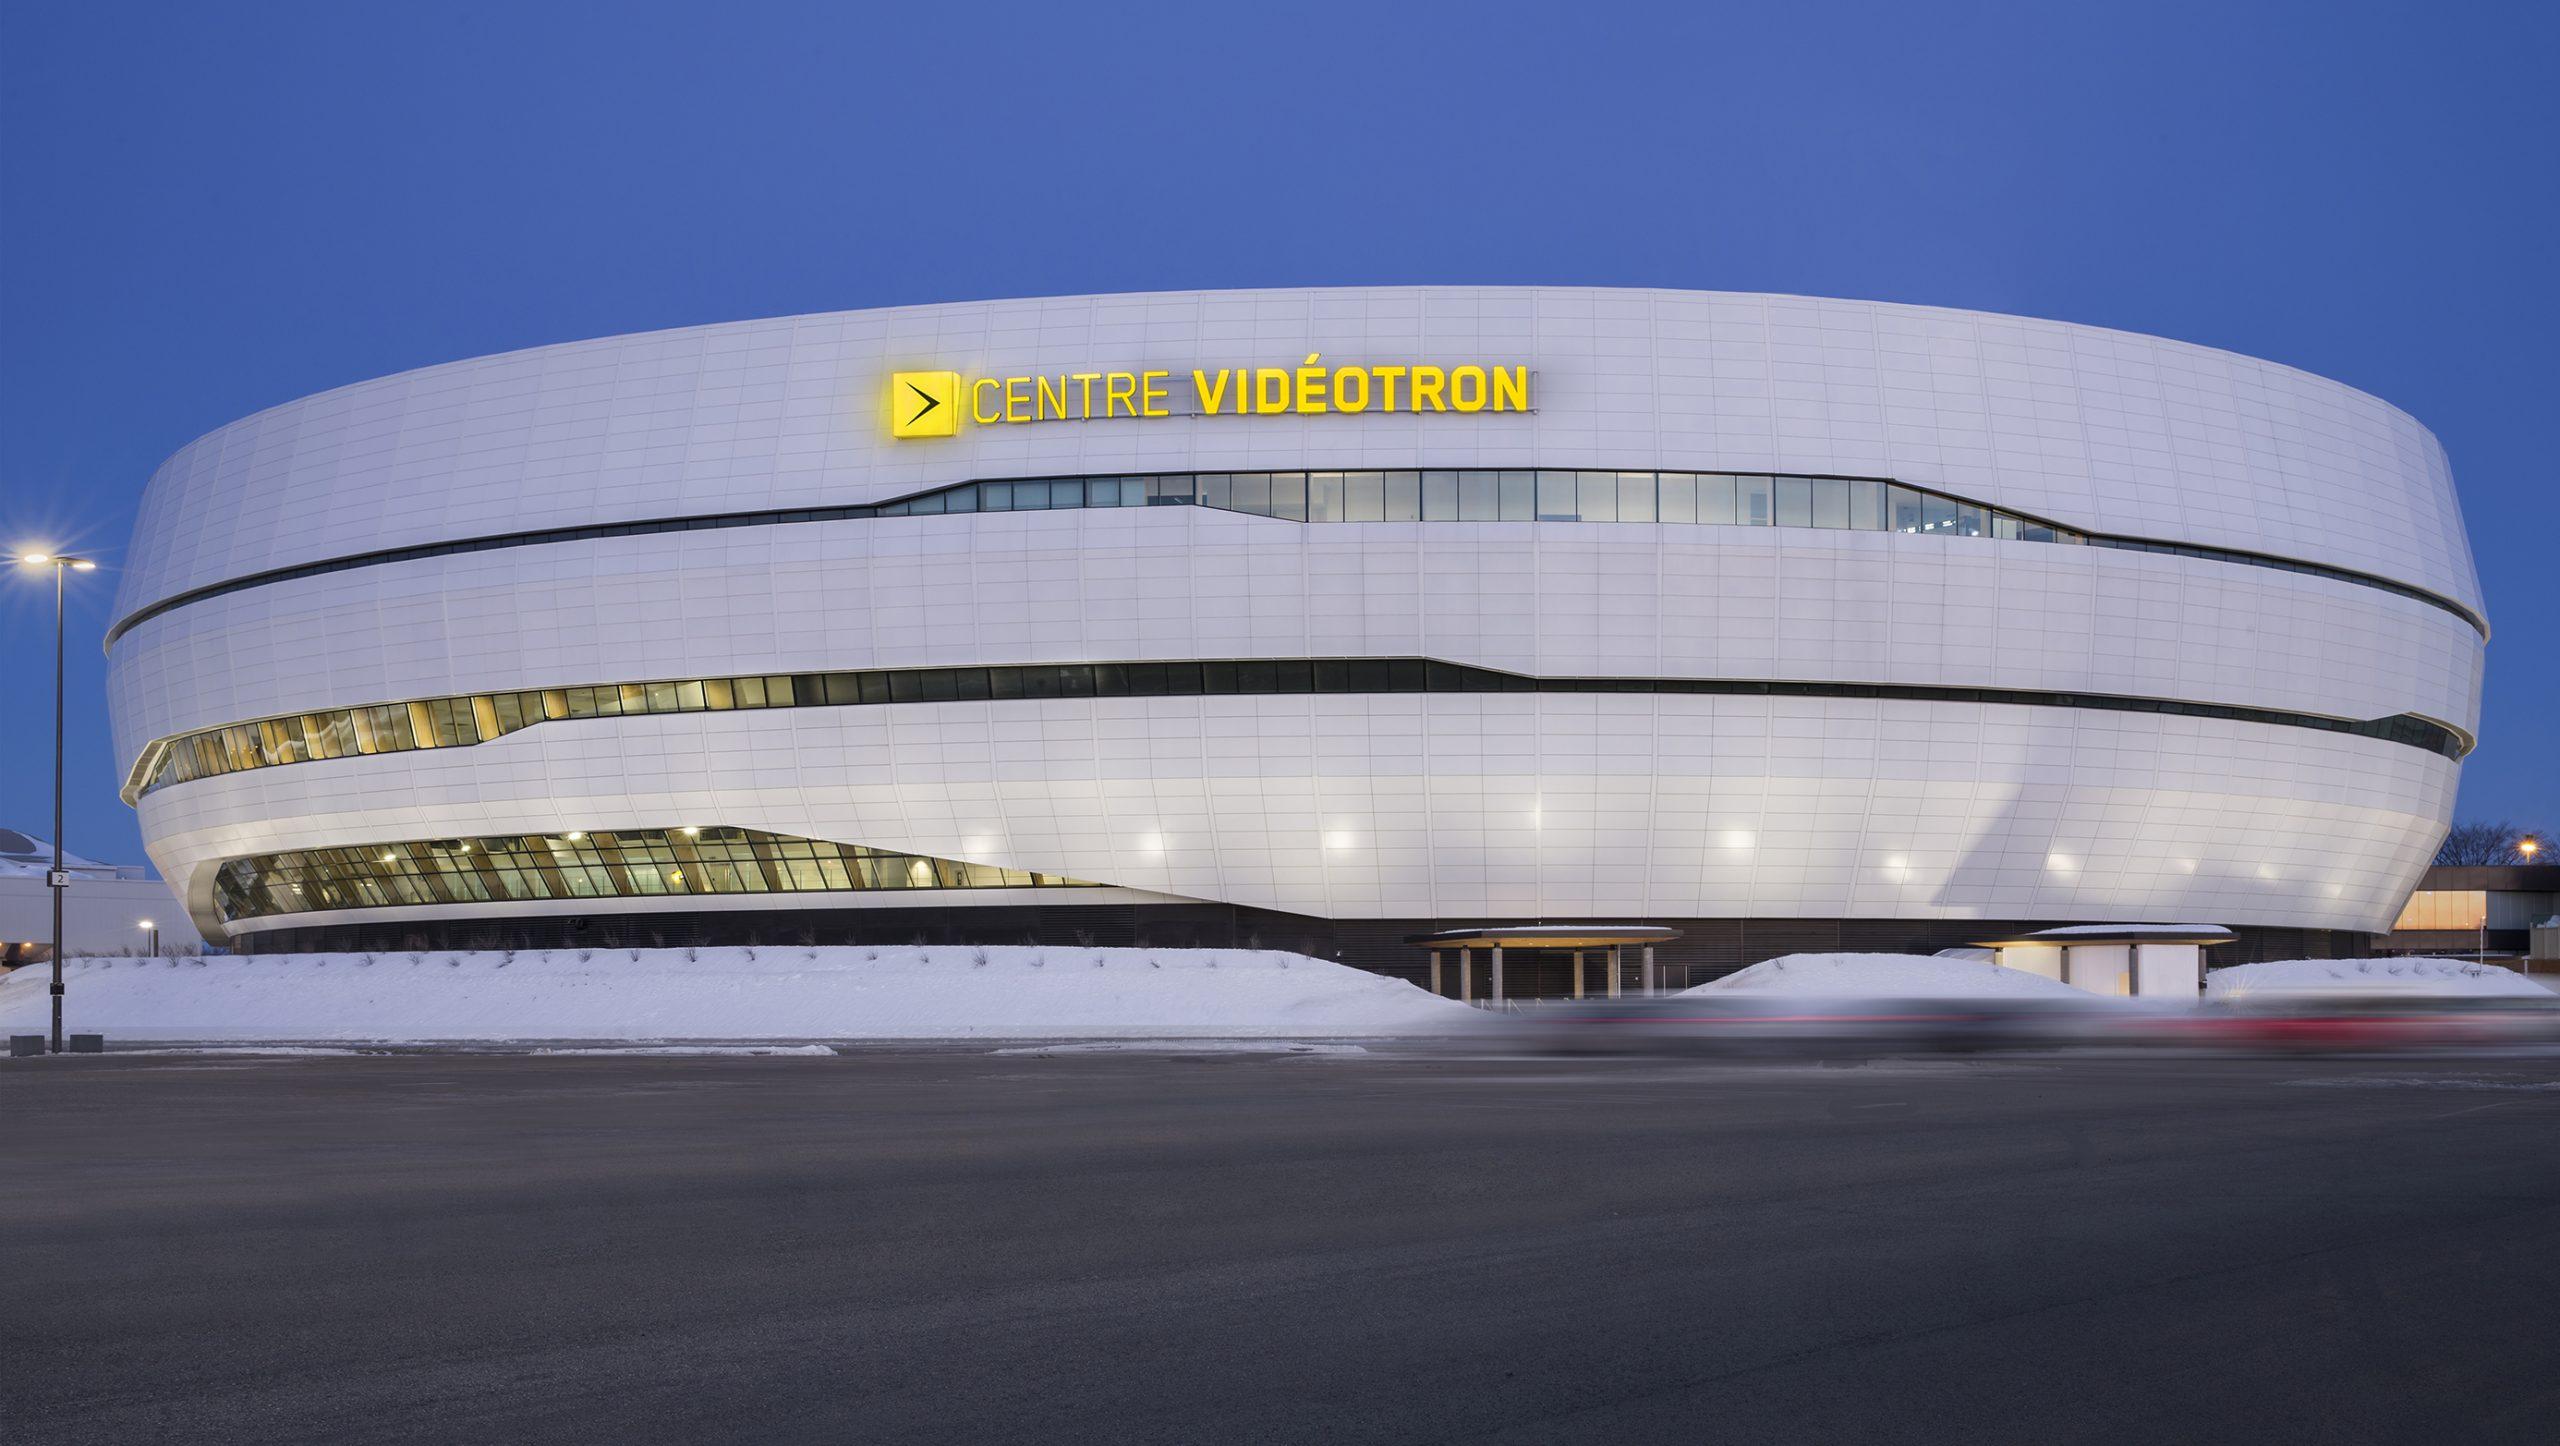 Centre Vidéotron Cecobois 11